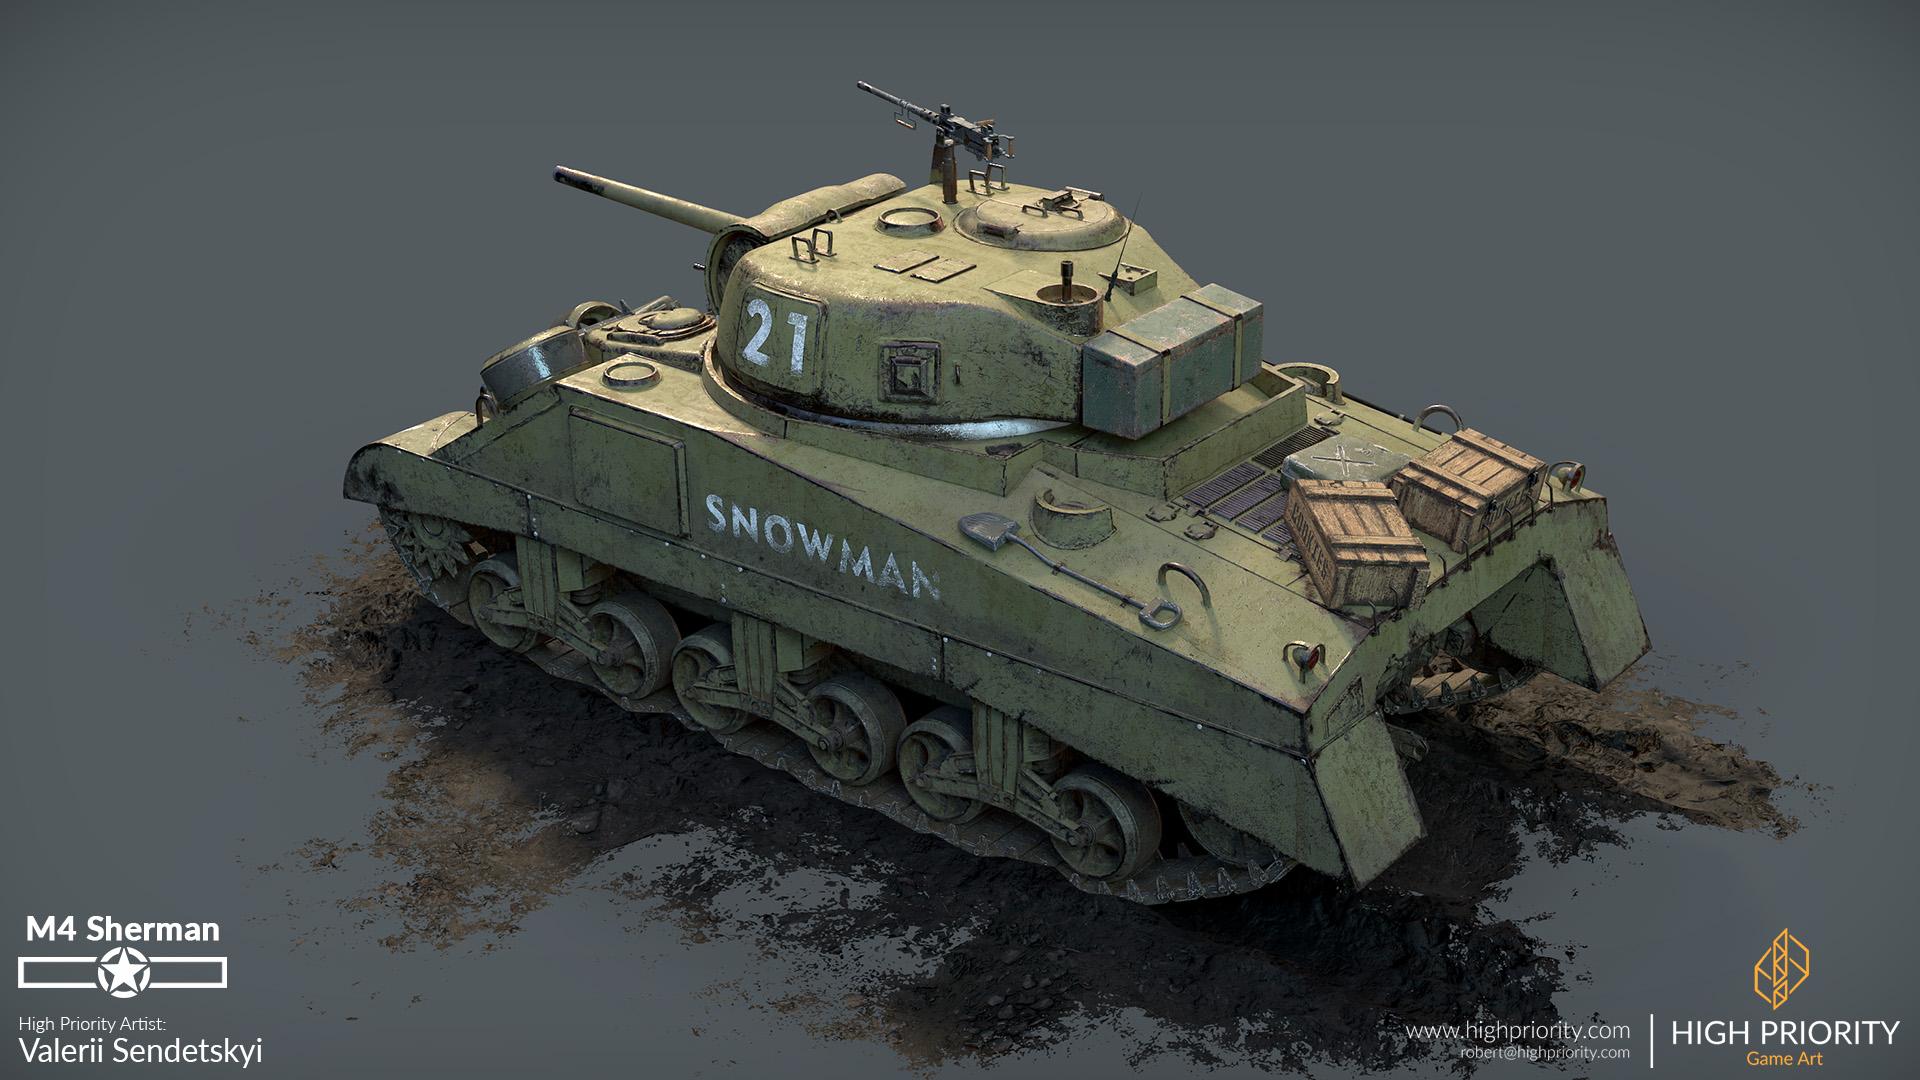 High Priority - Valerii - M4 Sherman - 10